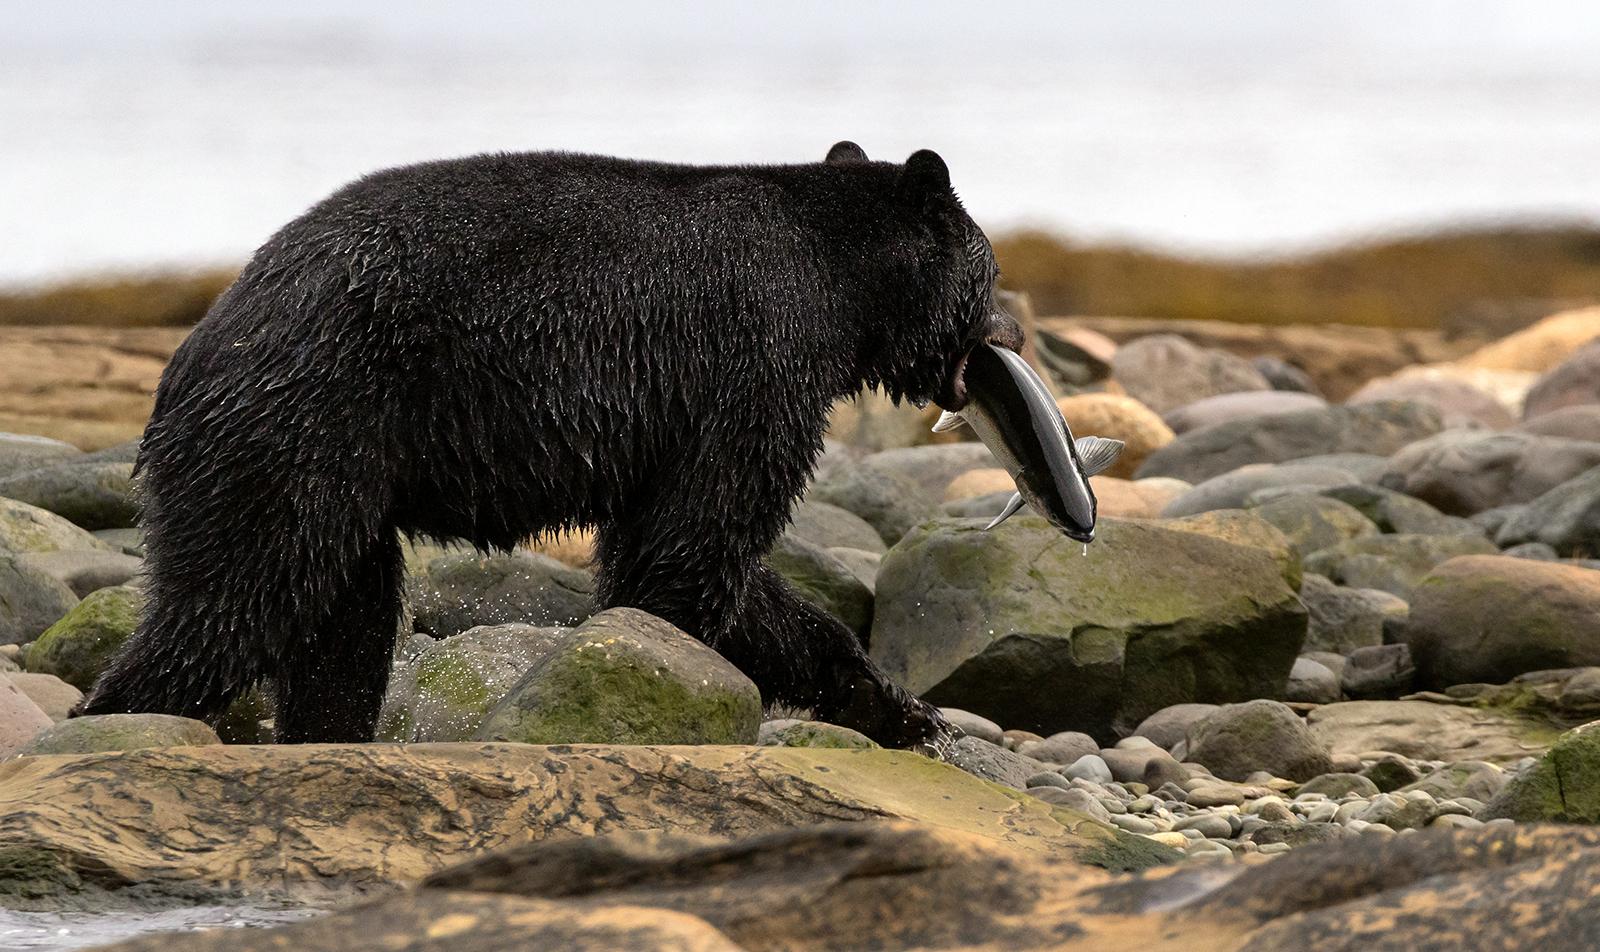 Keogh River Black Bear 009.jpg